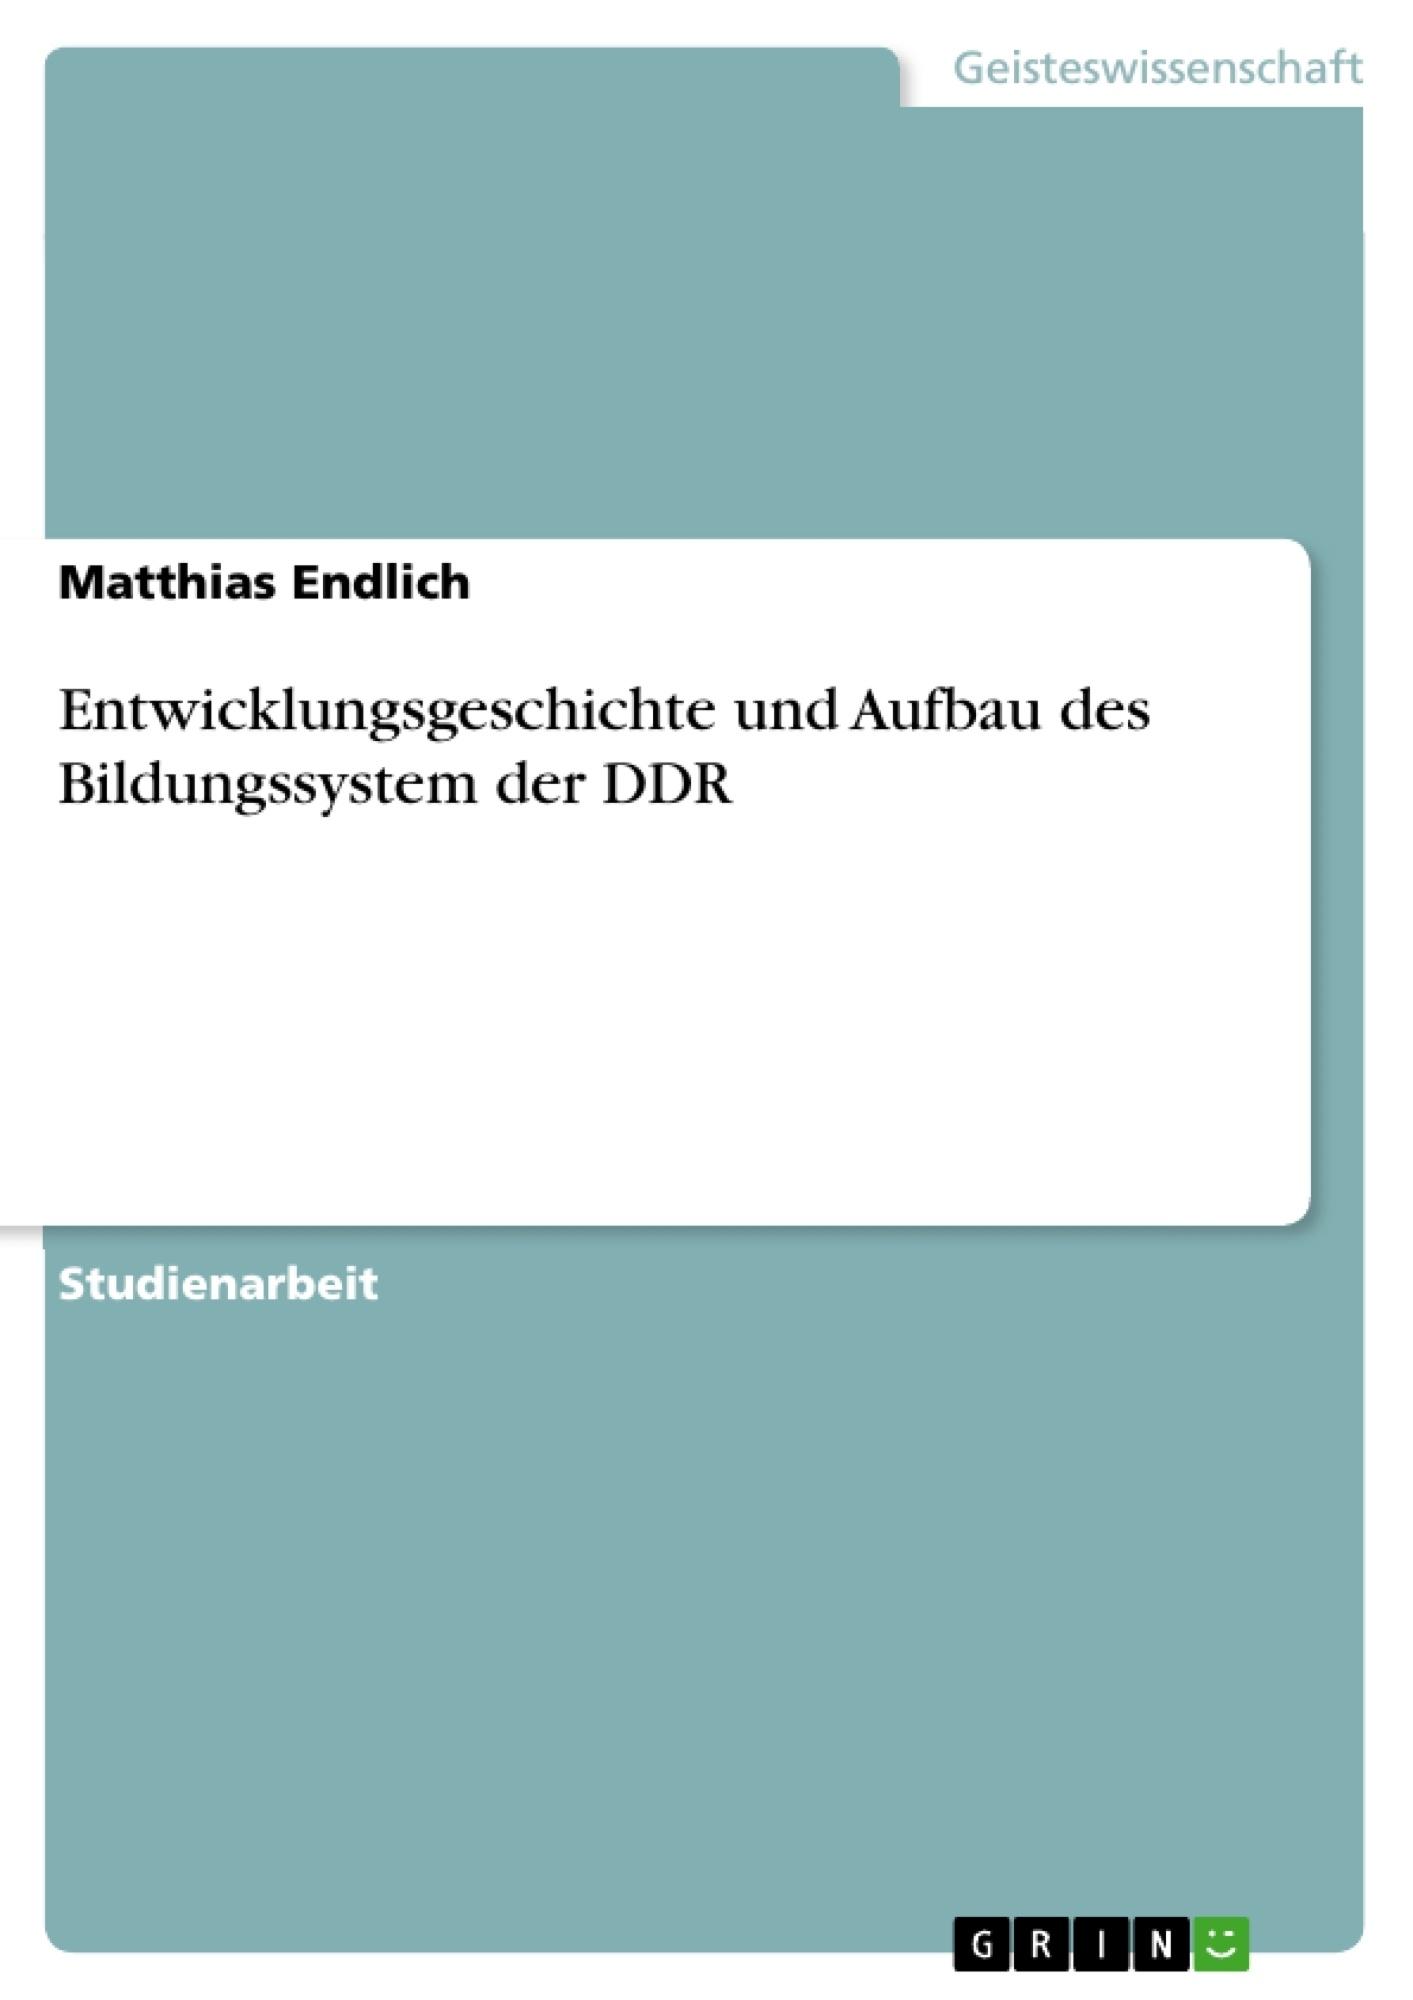 Titel: Entwicklungsgeschichte und Aufbau des Bildungssystem der DDR